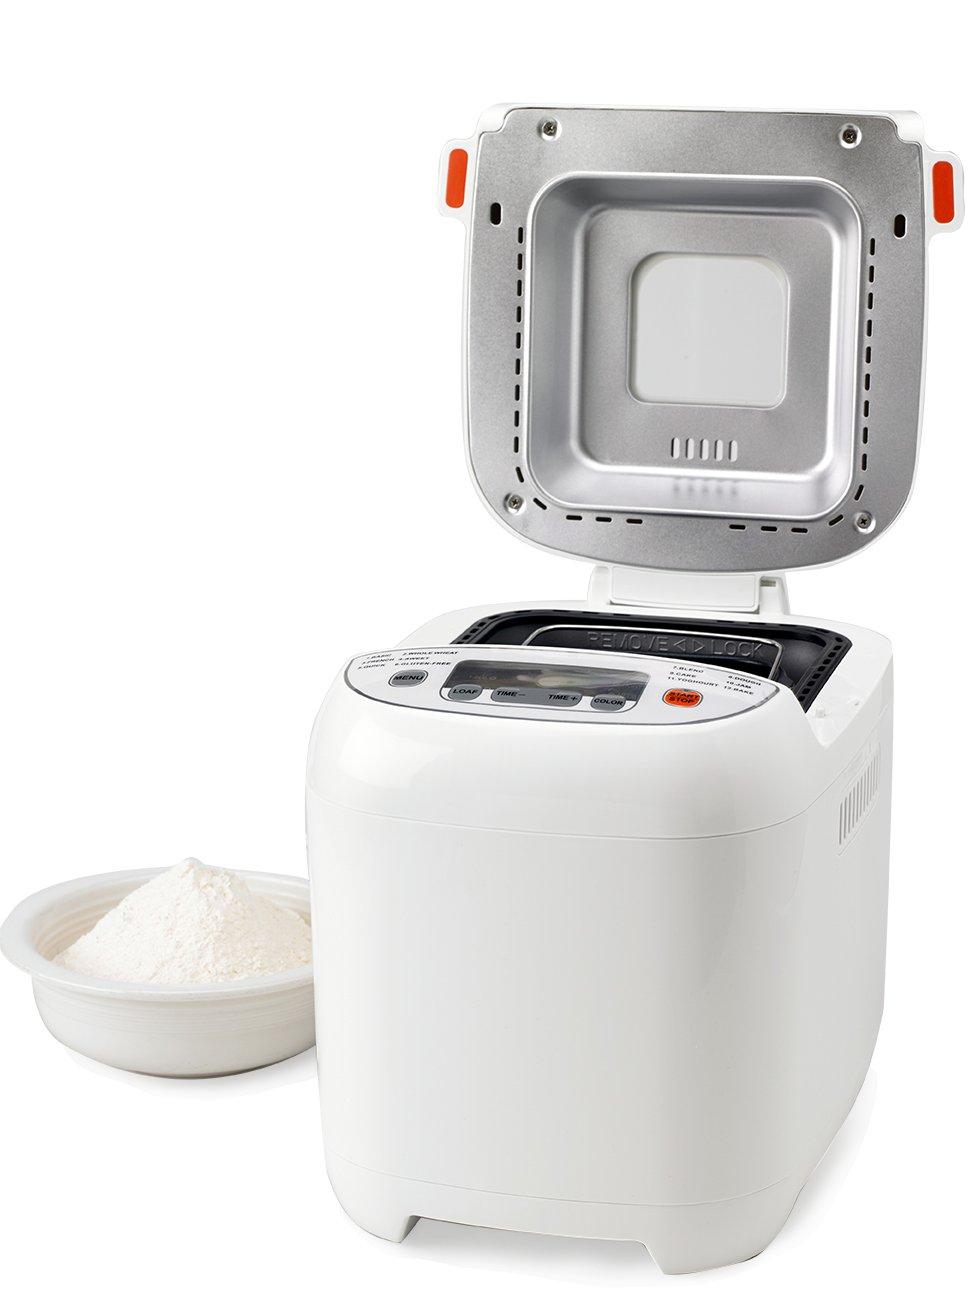 Nesco BDM-110 580W Blanco - Panificadora (Blanco, 680 g, Masa, Pan francés, Oscuro, Luz, Medio, 13 h, Botones): Amazon.es: Hogar